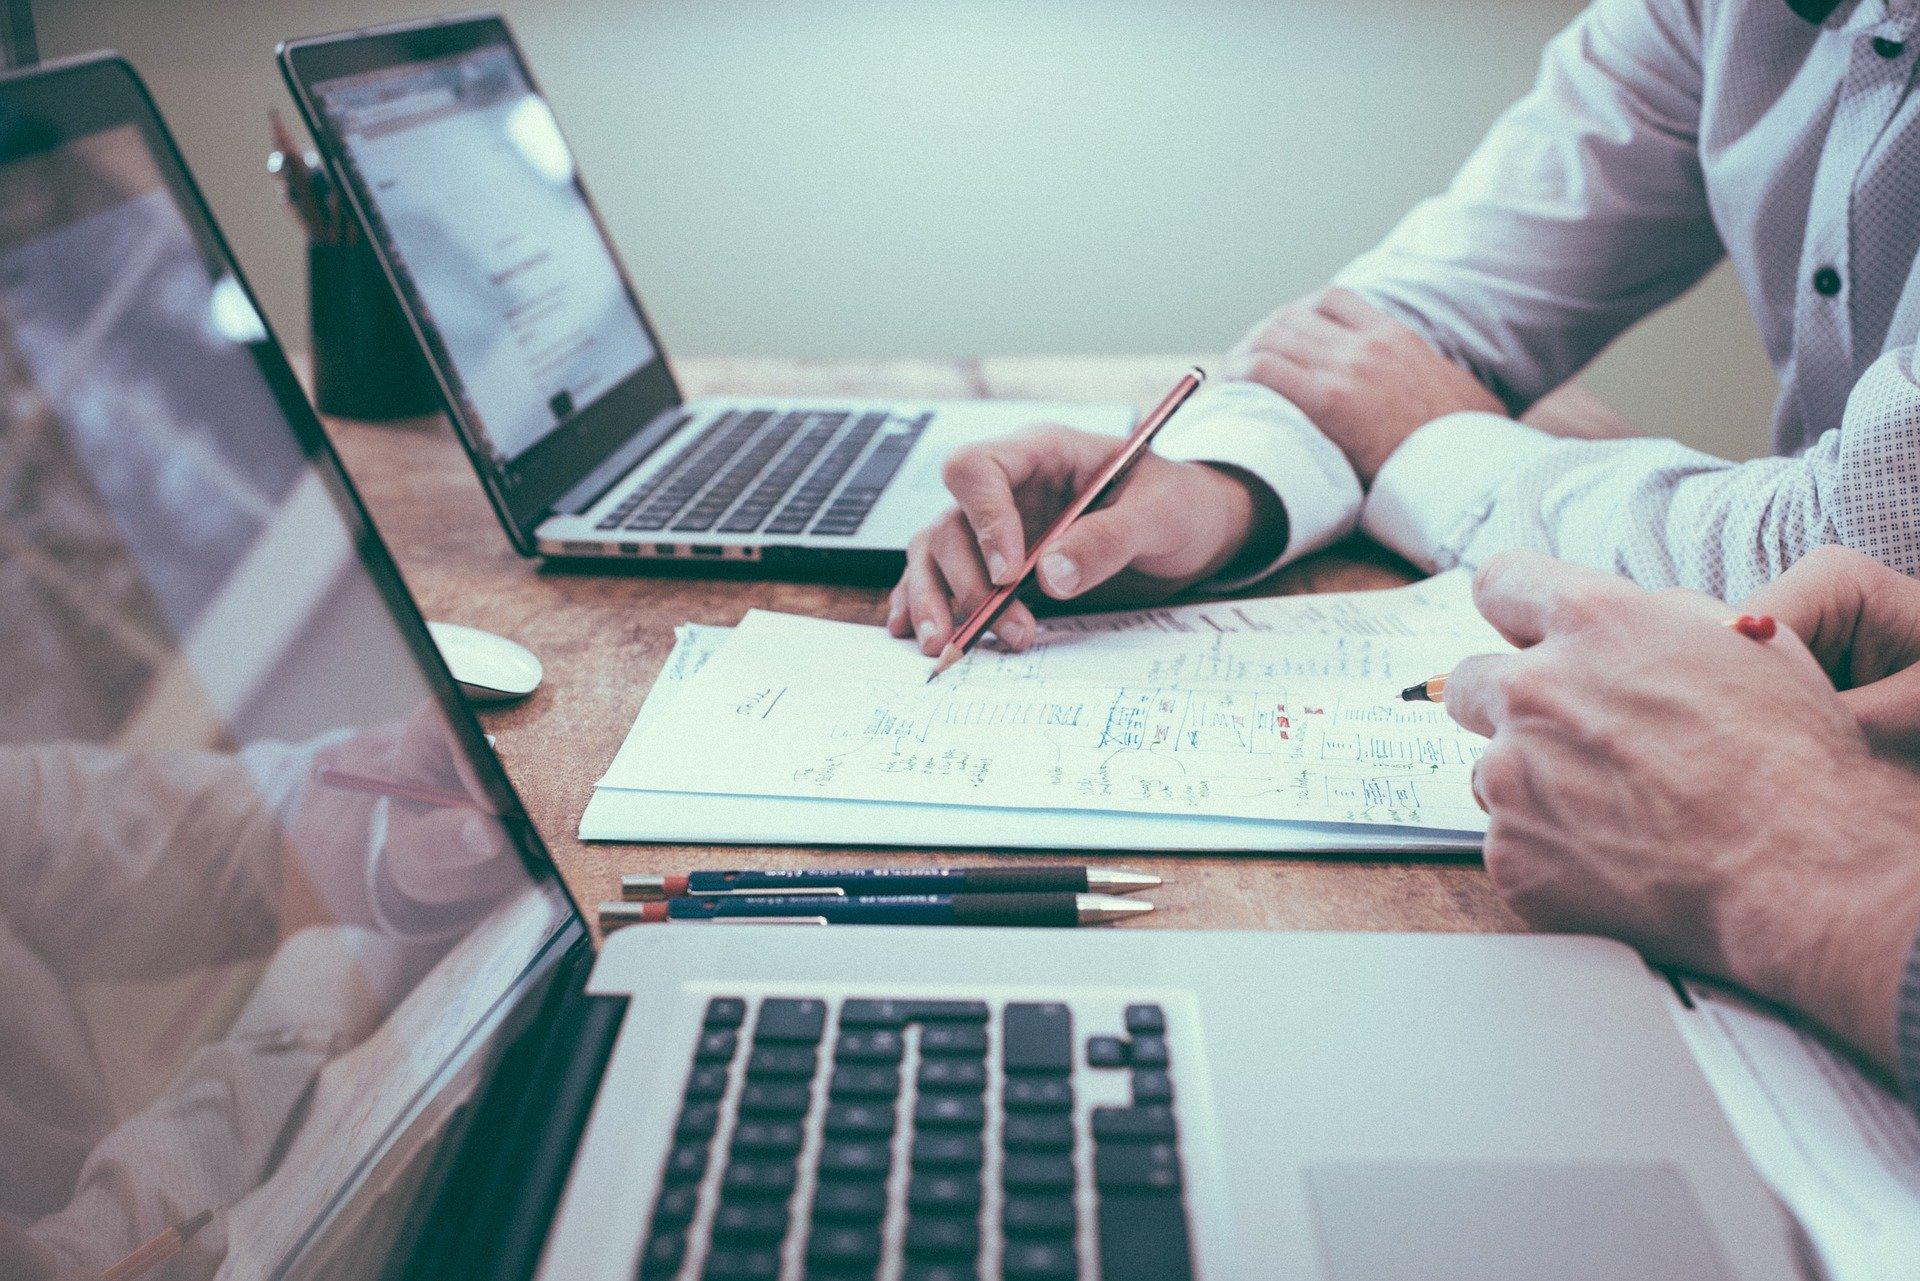 2016年、非公開求人の攻略が転職活動の成否を分けます。